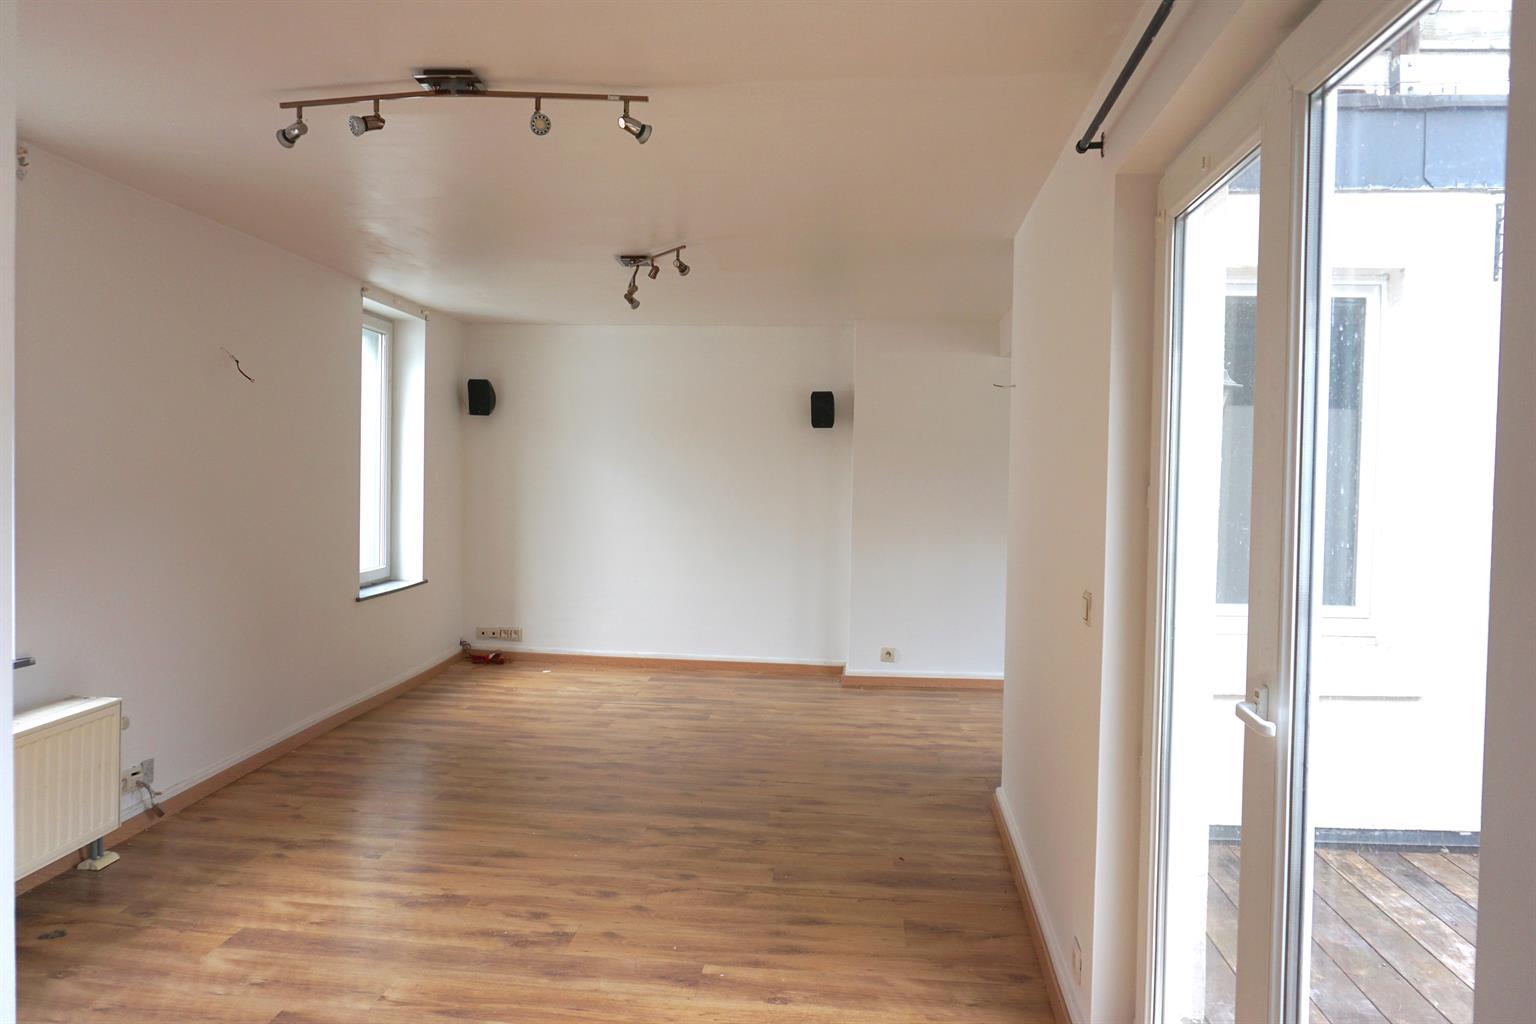 Appartement - Jodoigne - #4241007-1